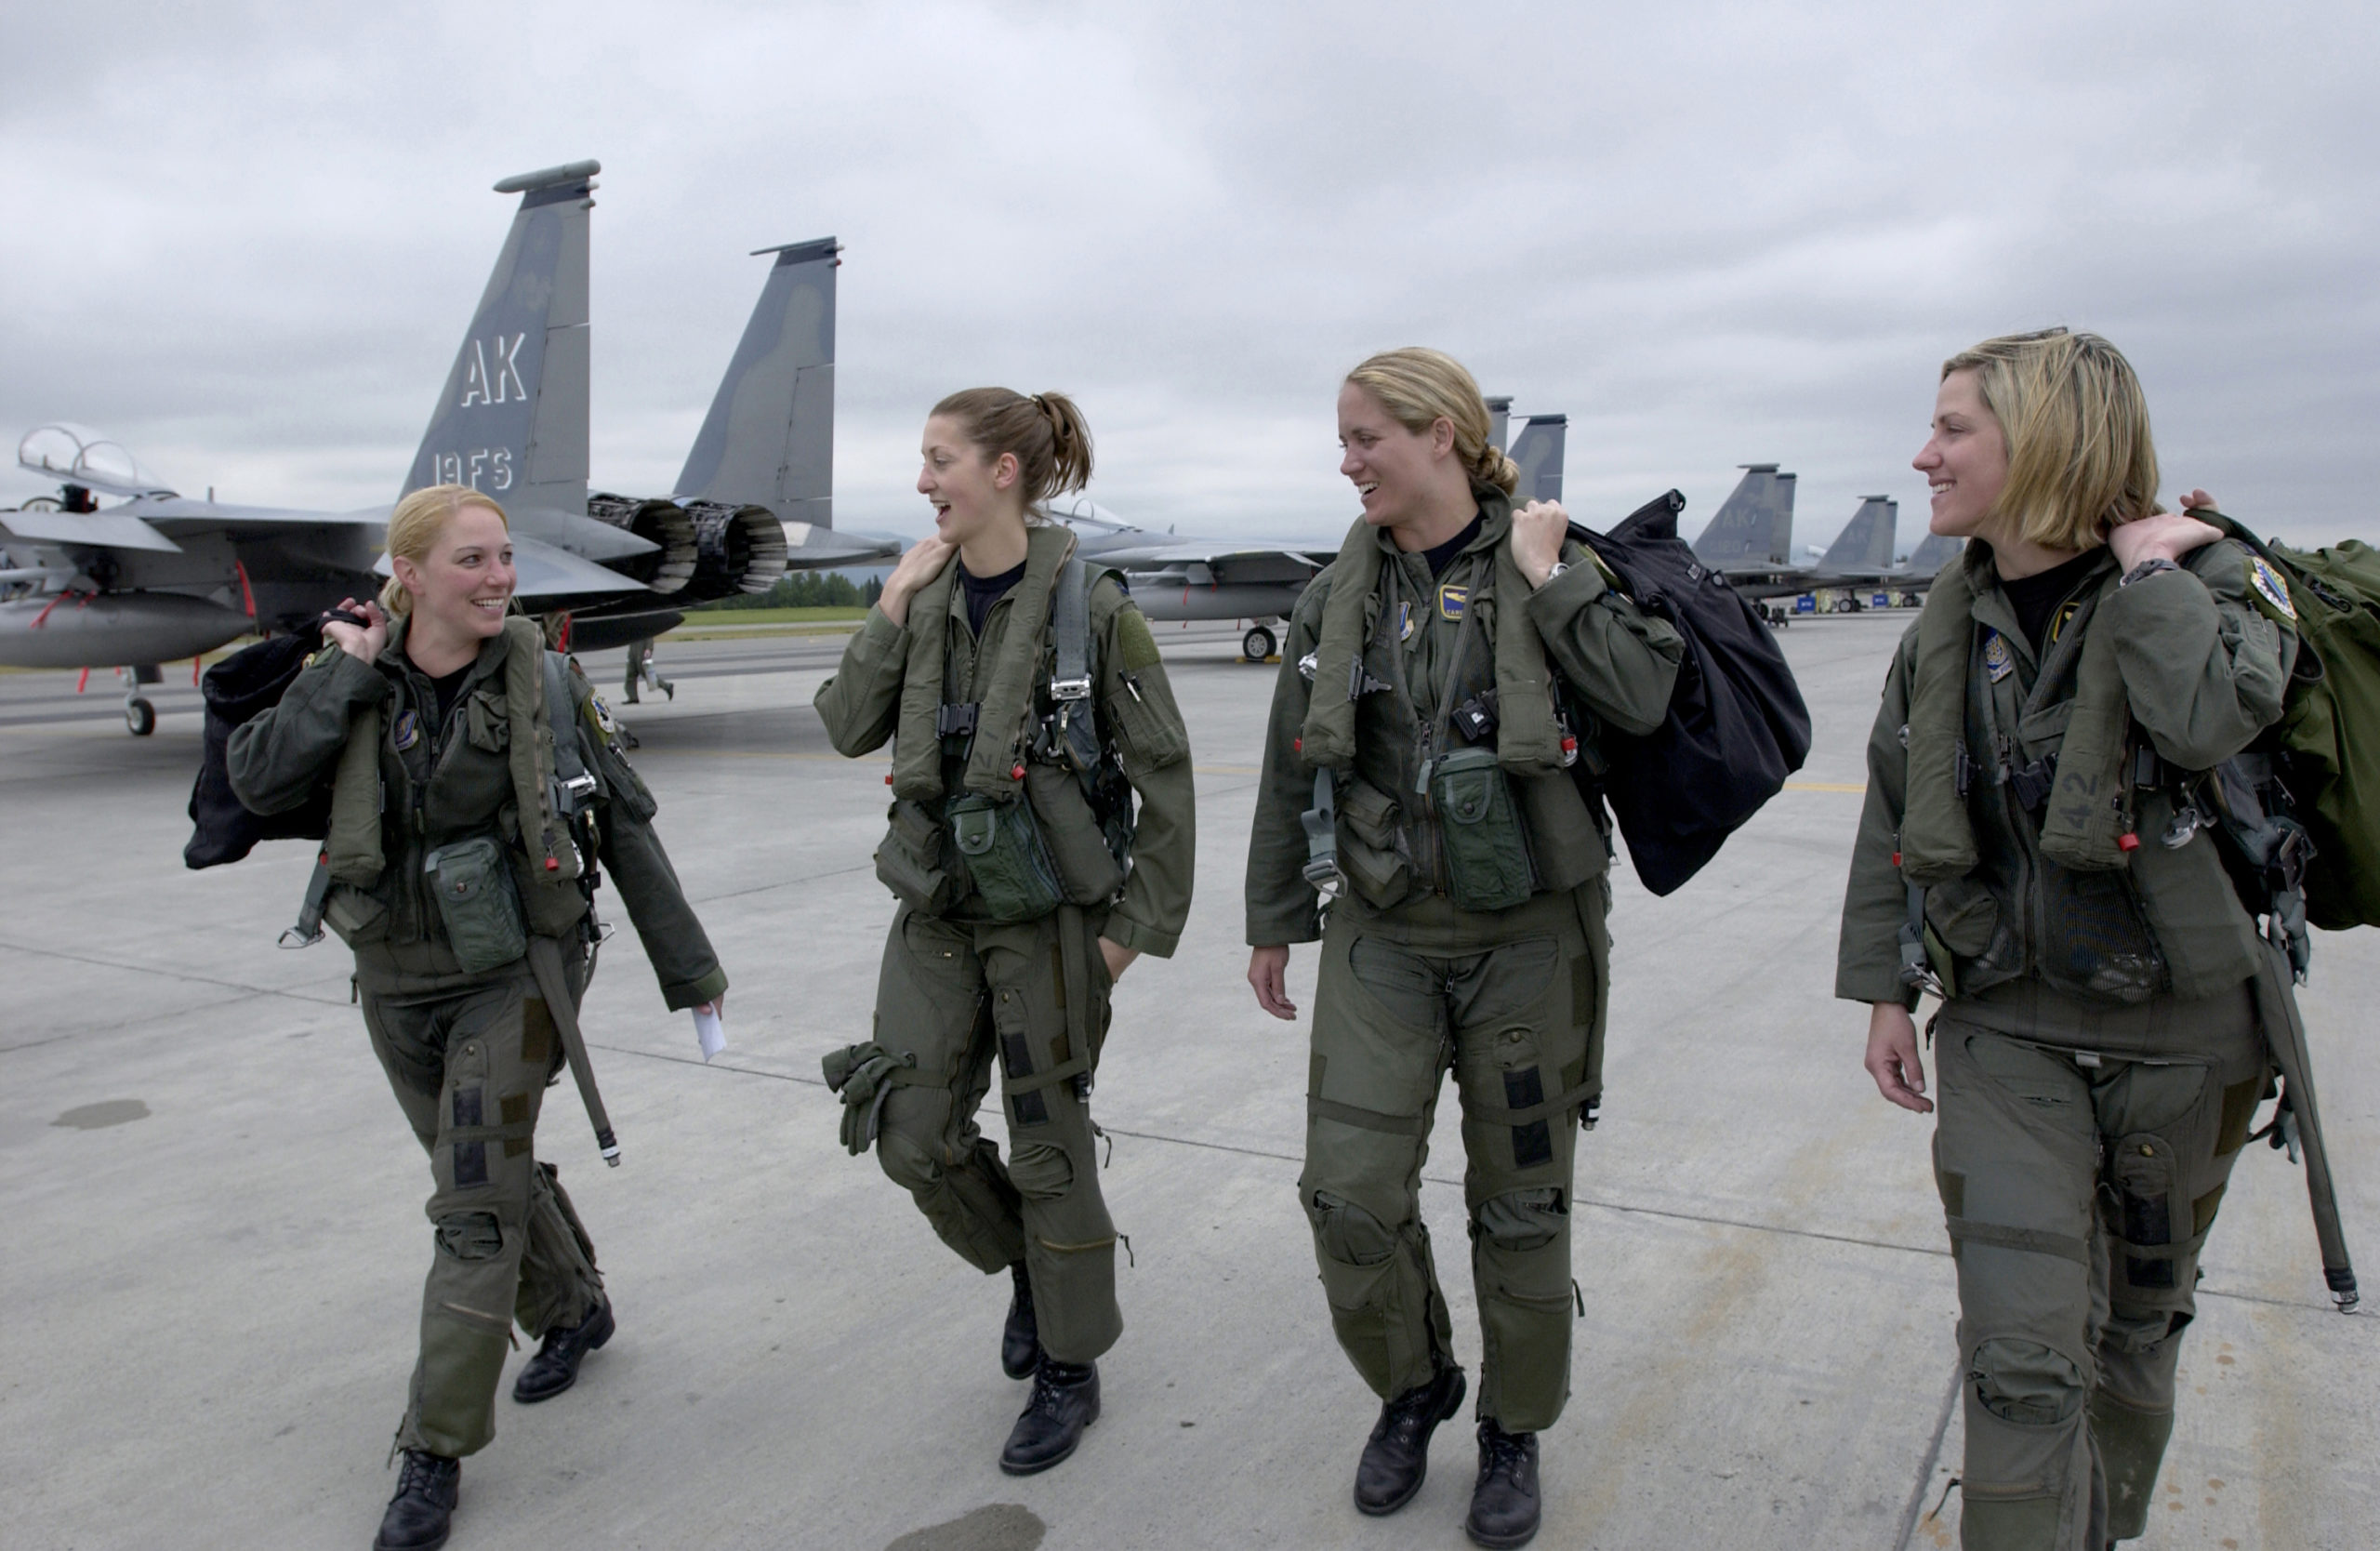 La féminisation des armées : une question ancienne, un débat actuel